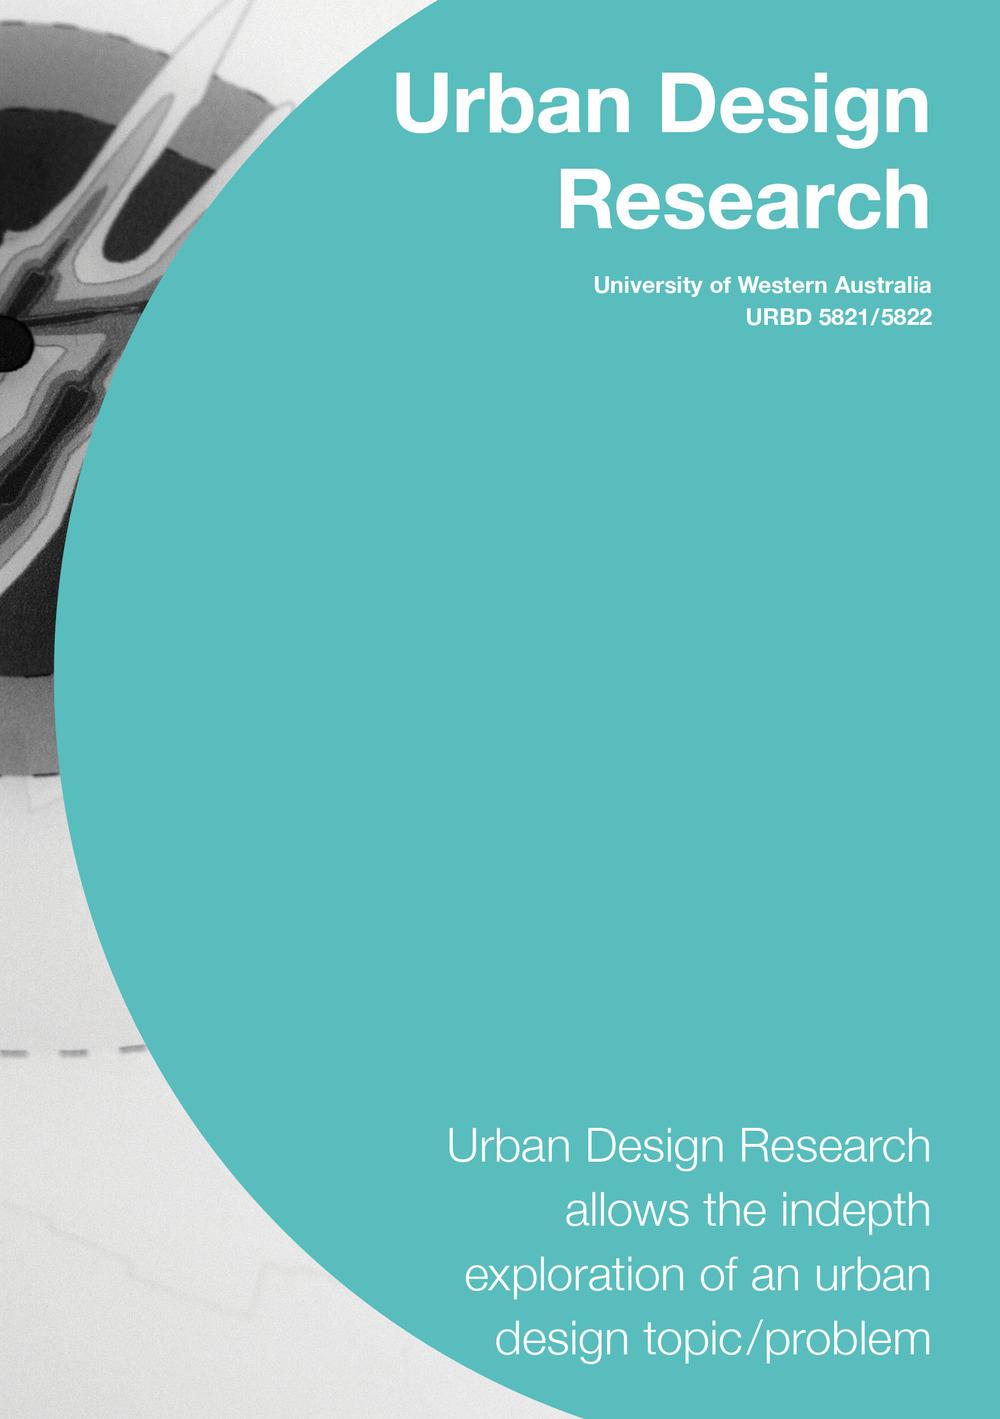 Urbandesignresearch_Cover.jpg